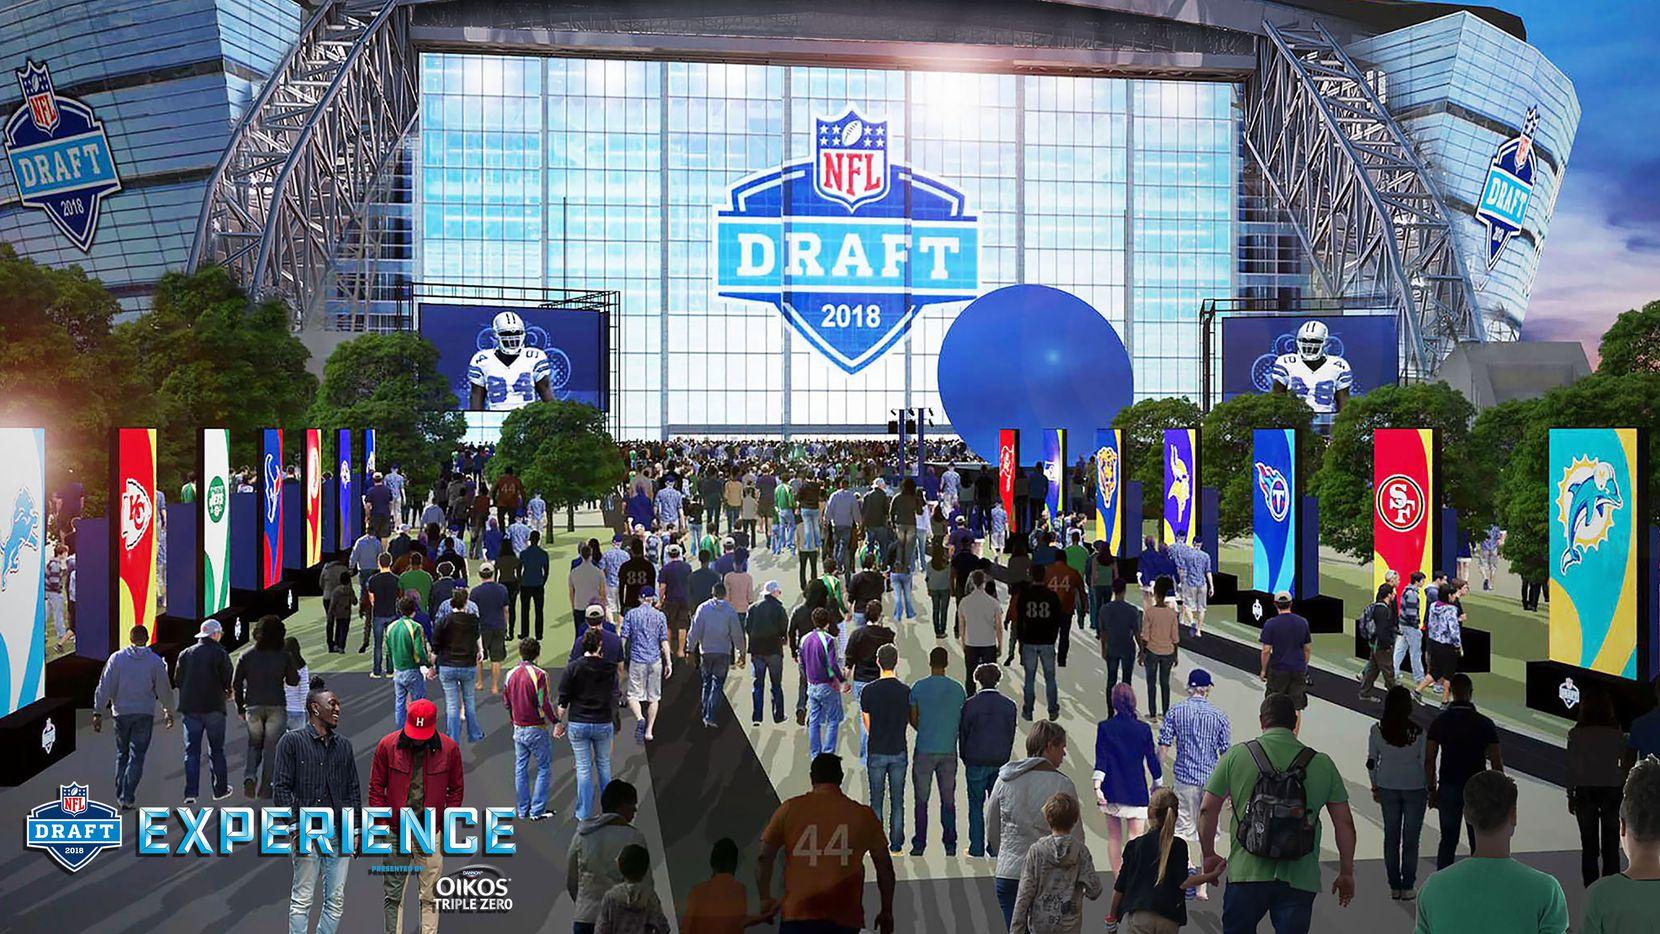 Mucha diversión y cientos de objetos para ver durante los tres días del NFL Draft Experience que este 2018 llega a Dallas. Crédito: NFL